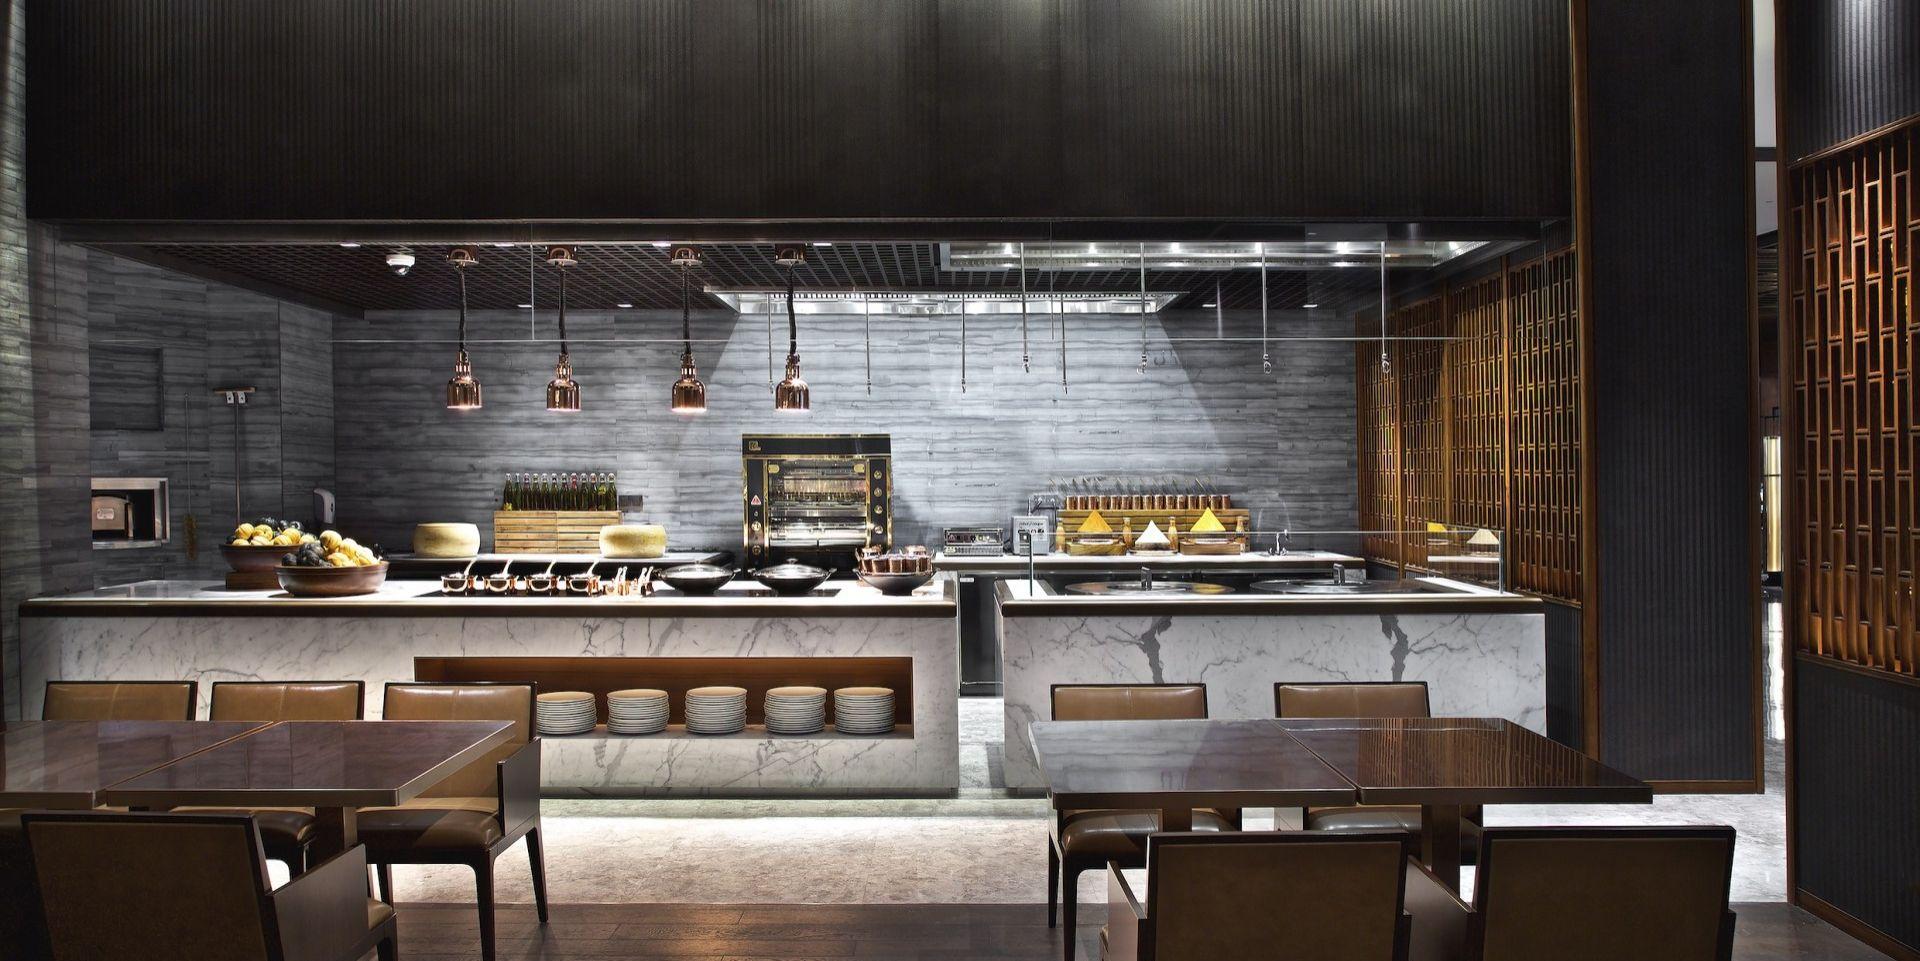 Slider Image Kitchen Interior Commercial Kitchen Design Restaurant Interior